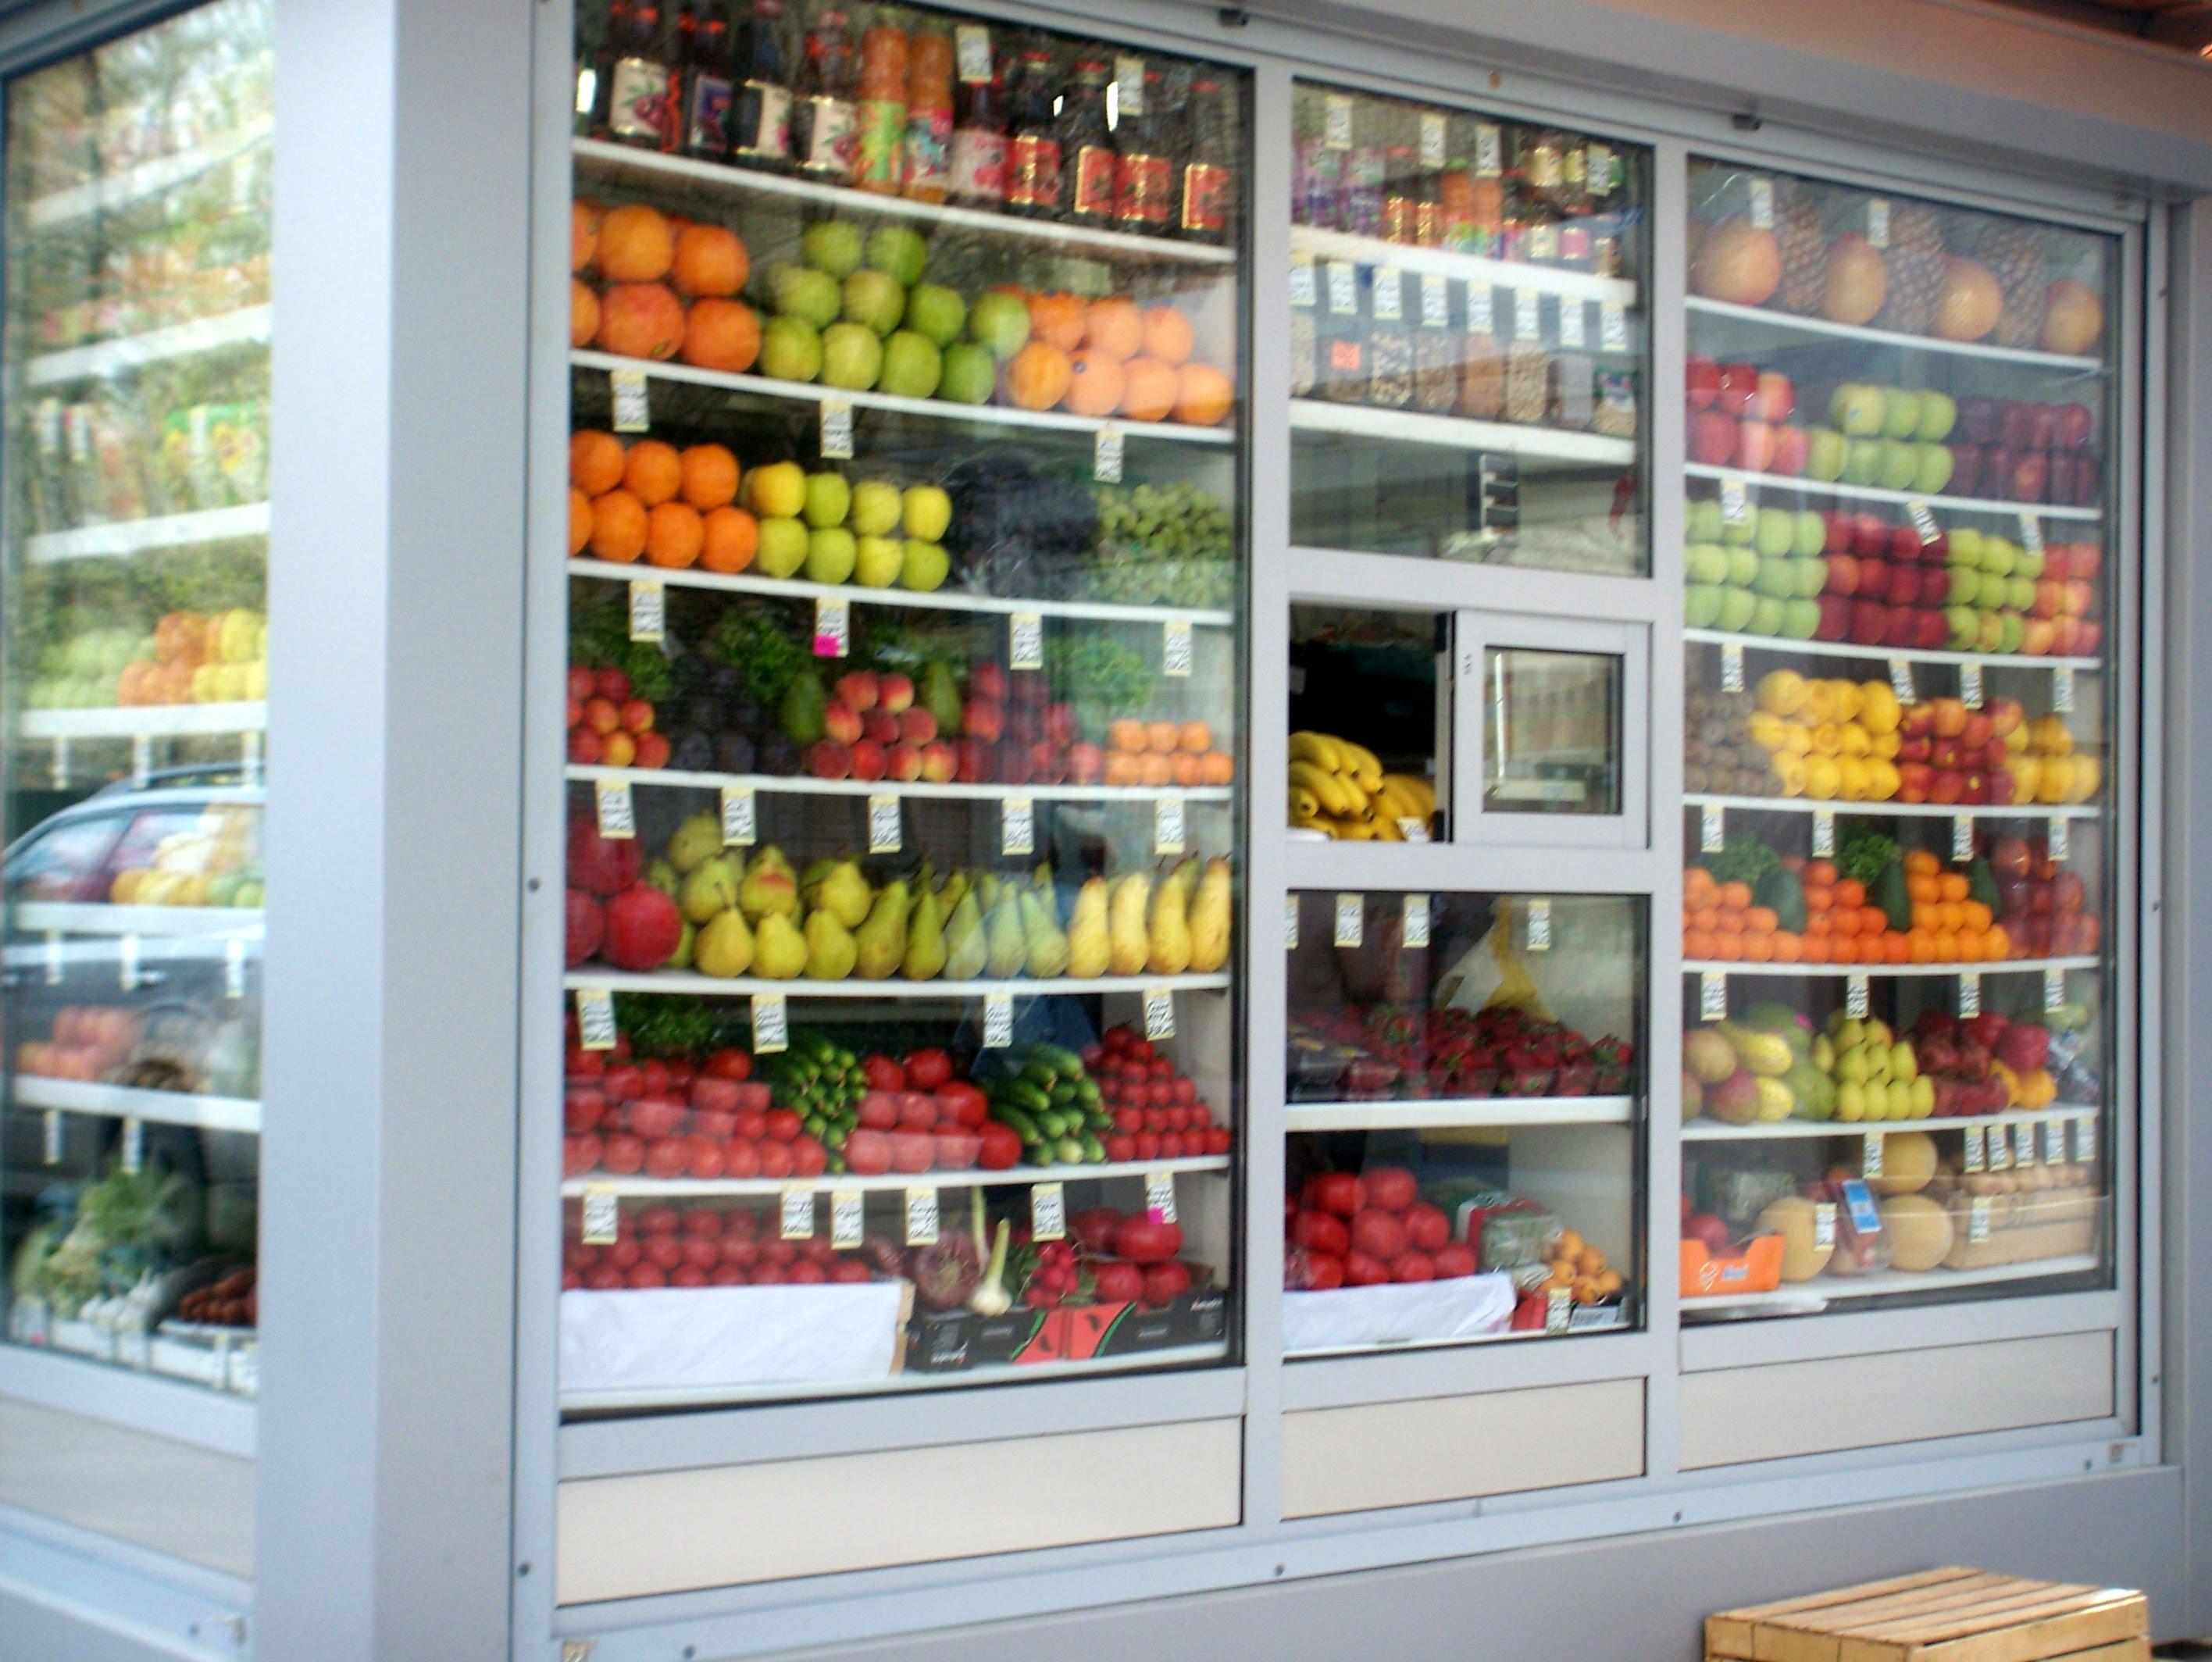 это витрина фруктовая в киоске фото назывался калейдоскоп